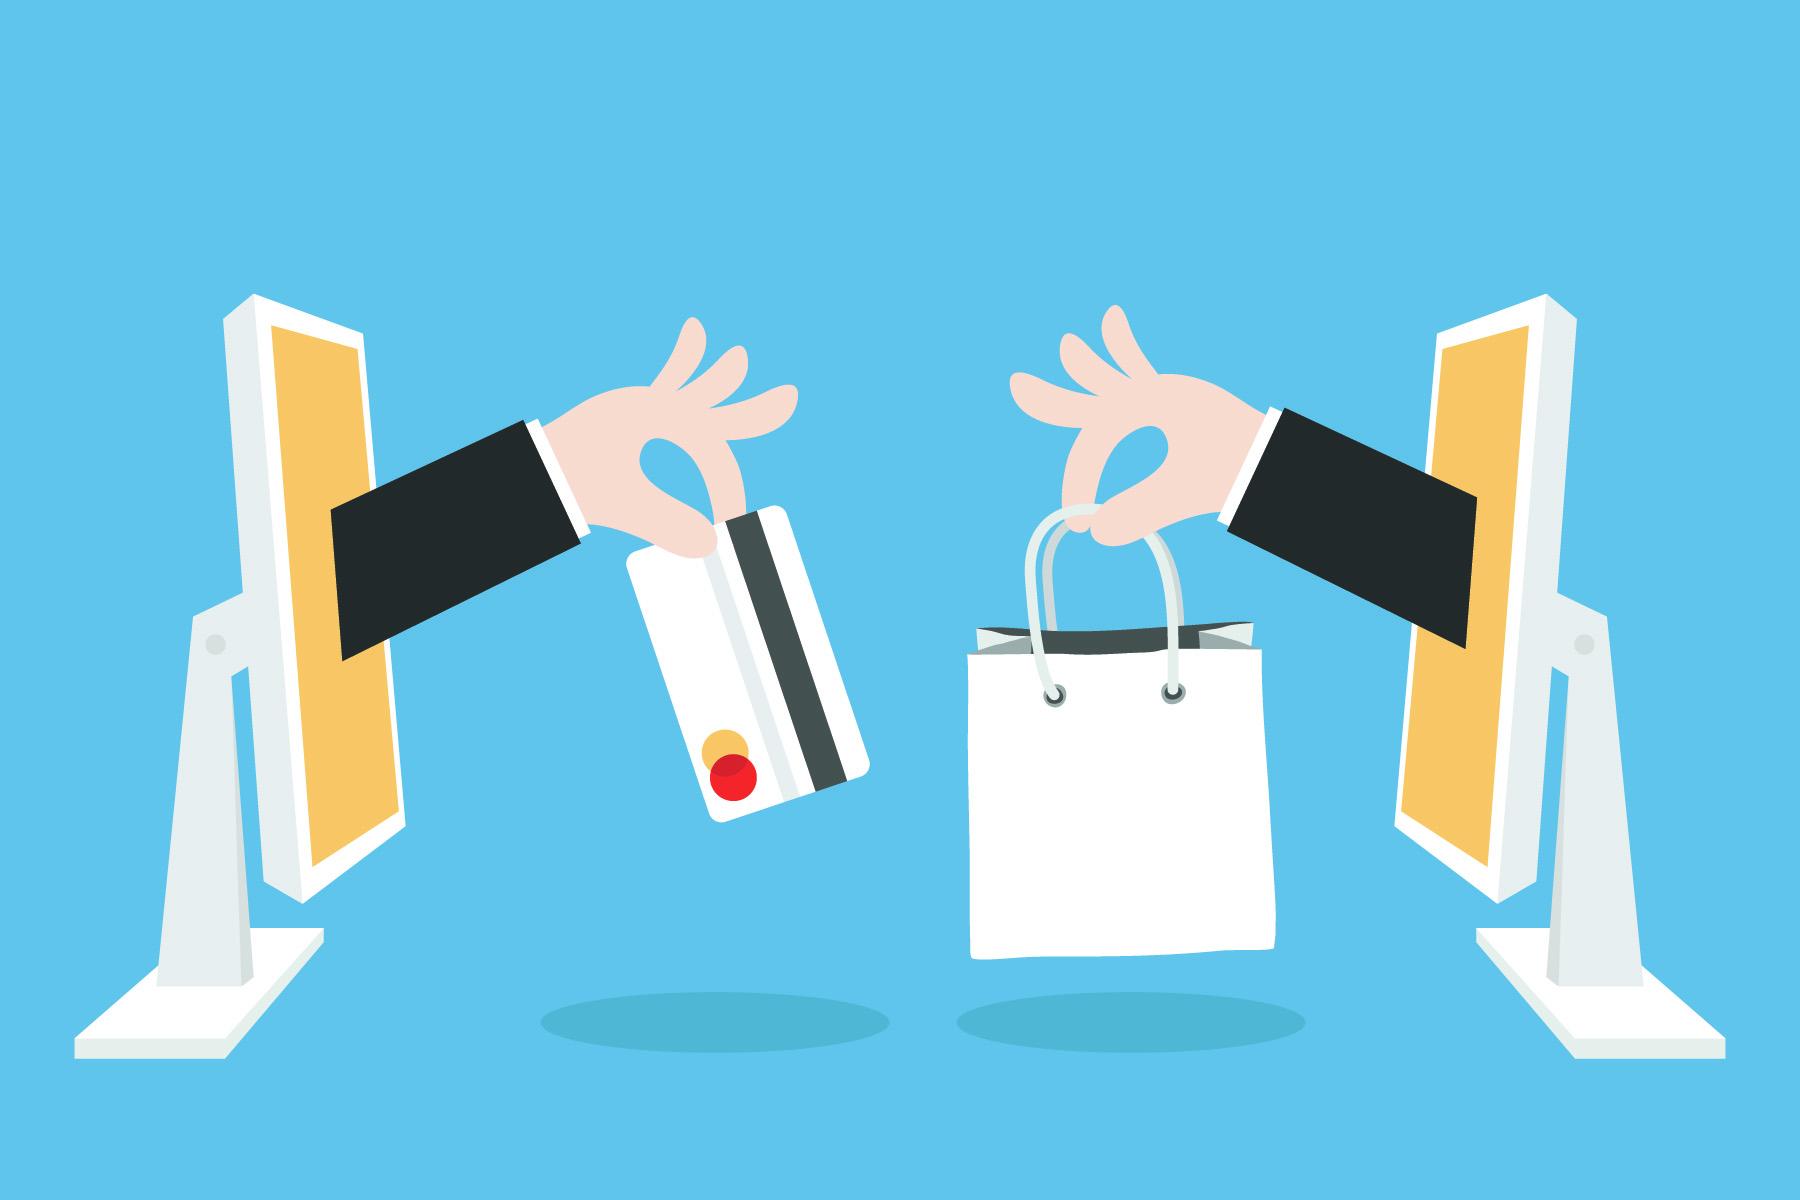 <a class=&quot;amazingslider-posttitle-link&quot; href=&quot;https://oporrino.org/elixe-a-tua-plataforma-de-comercio-electronico-tema-do-taller-deste-mercores-dia-26-no-do-punto-smartpeme-do-porrino/&quot; target=&quot;_self&quot;>'Elixe a túa plataforma de comercio electrónico', tema do taller deste mércores, día 26, no do Punto SmartPeme do Porriño</a>